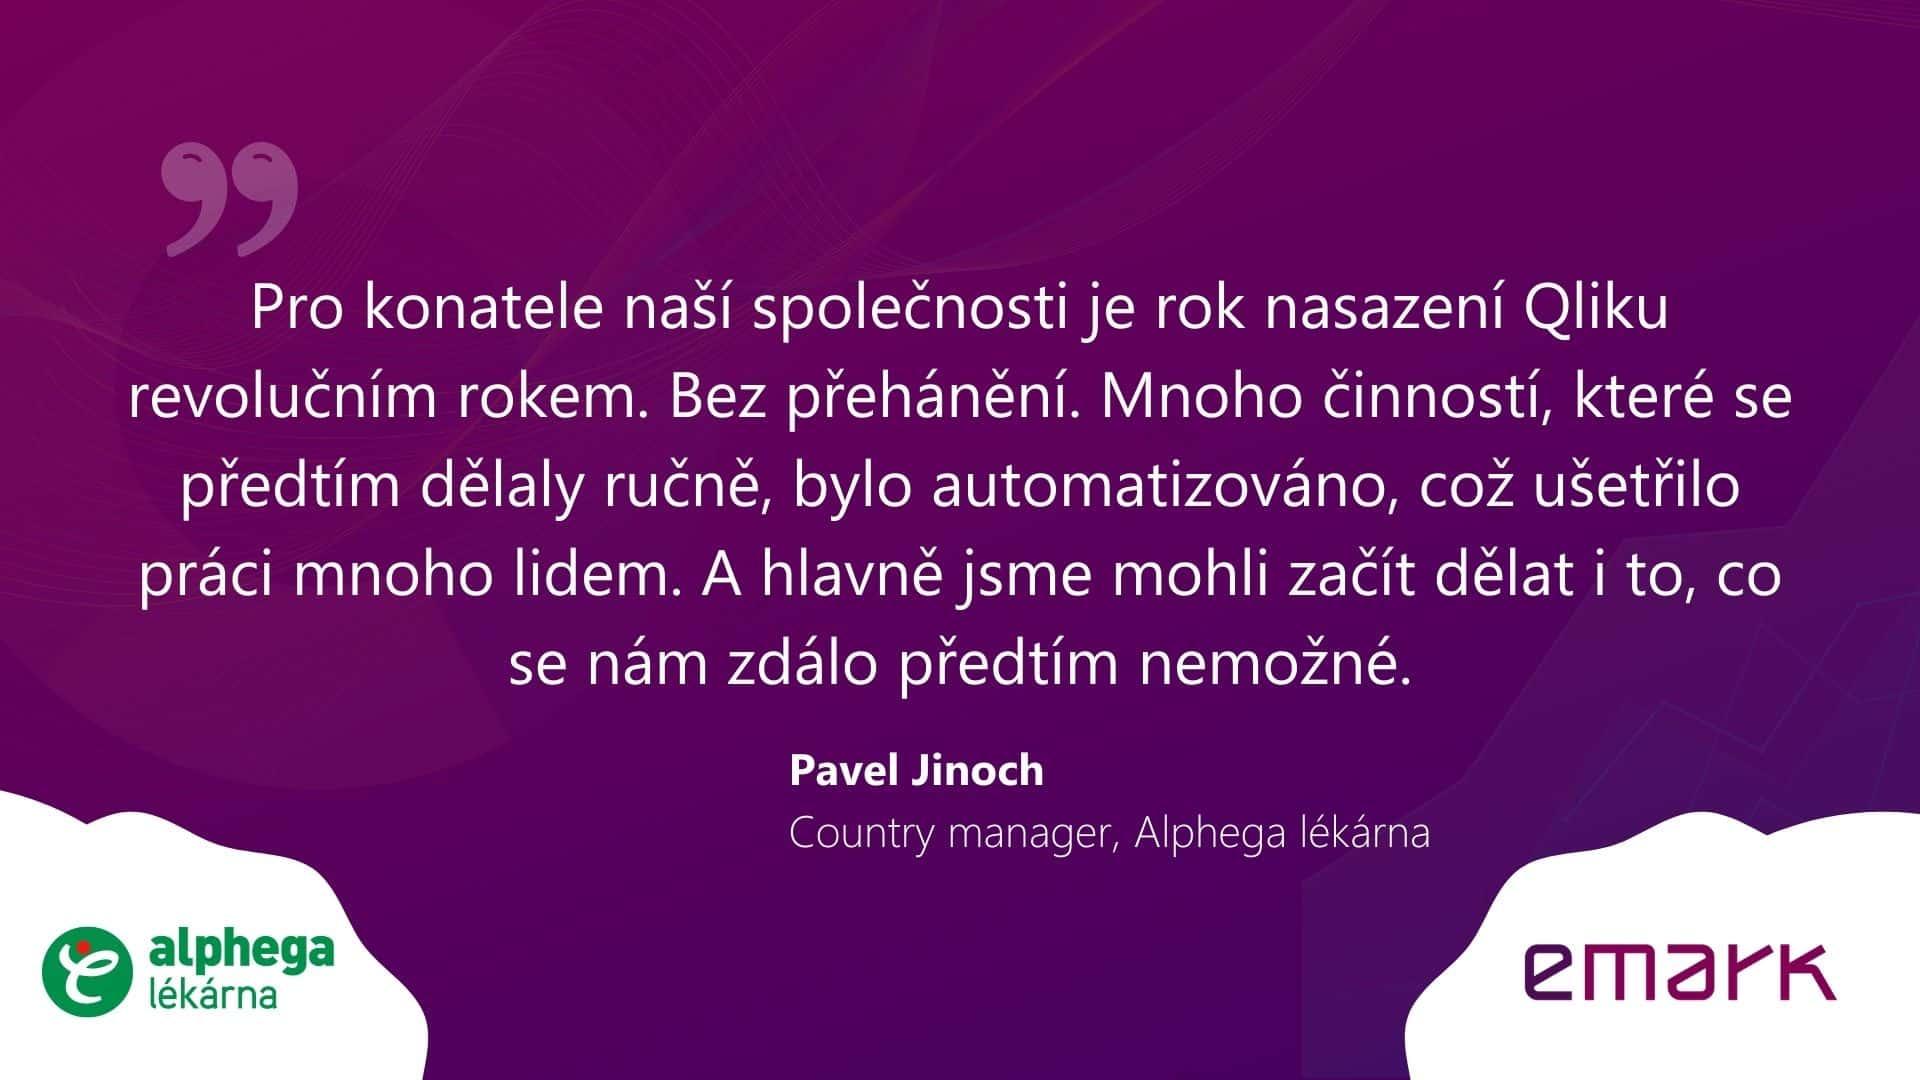 Testimonial Alphega lekarna CZ 2 - Rozhovor: Data pomáhají řídit 280 lékáren sítě Alphega lékárna